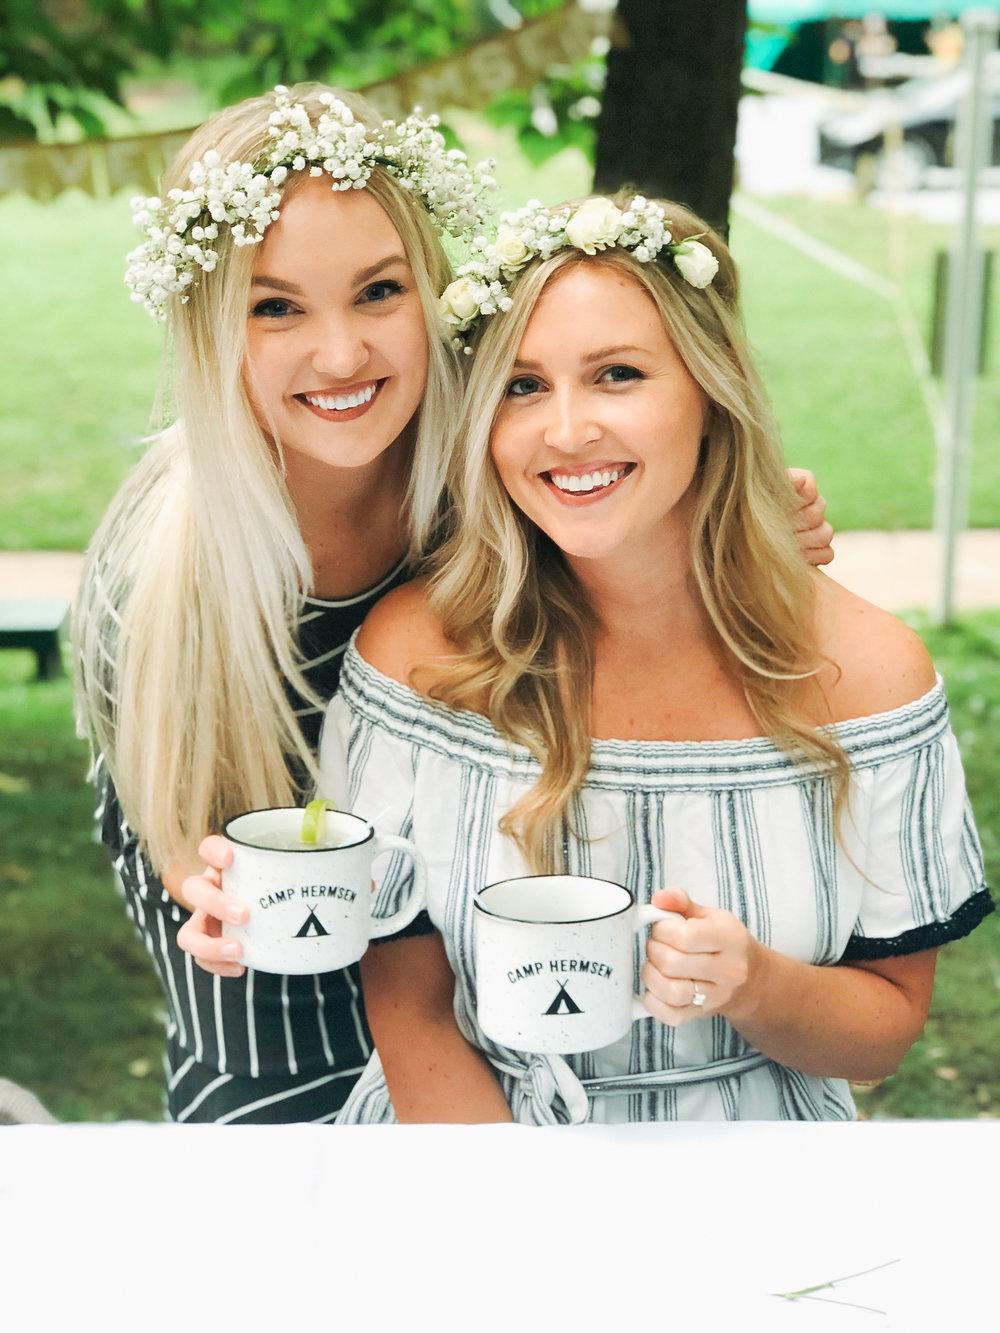 glamping_bachelorette_flower_crown_camp_mugs.jpg